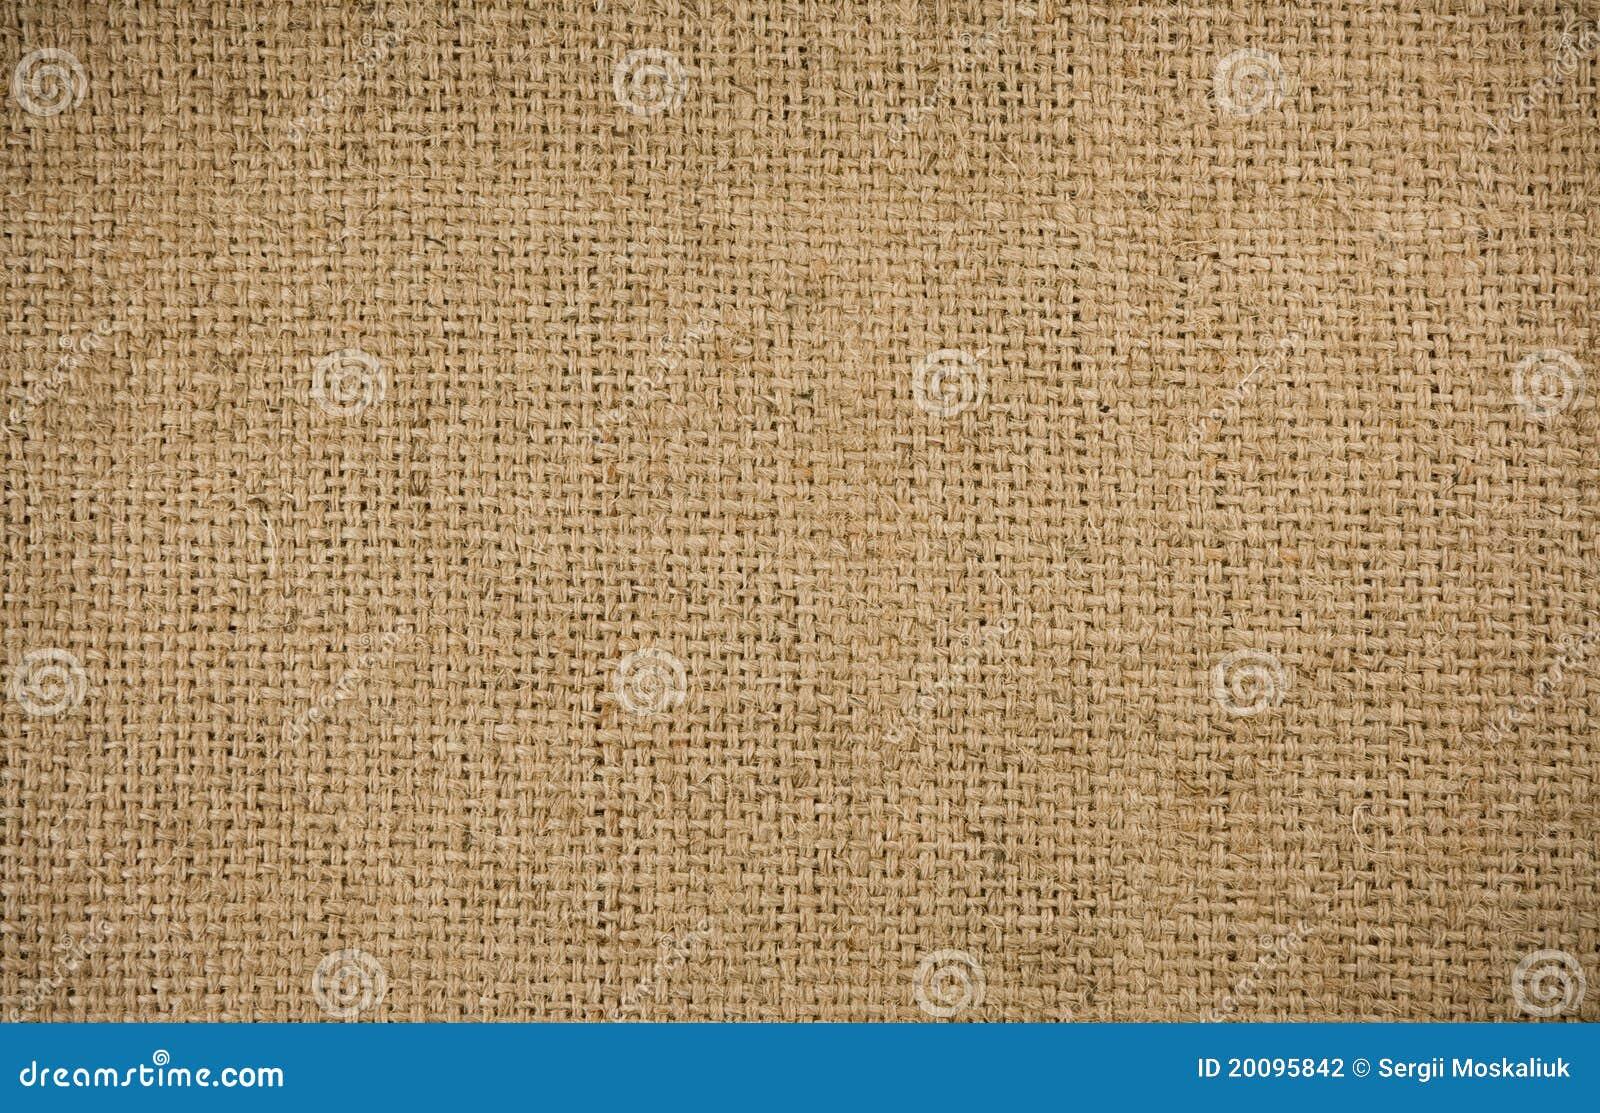 Background of burlap sacking